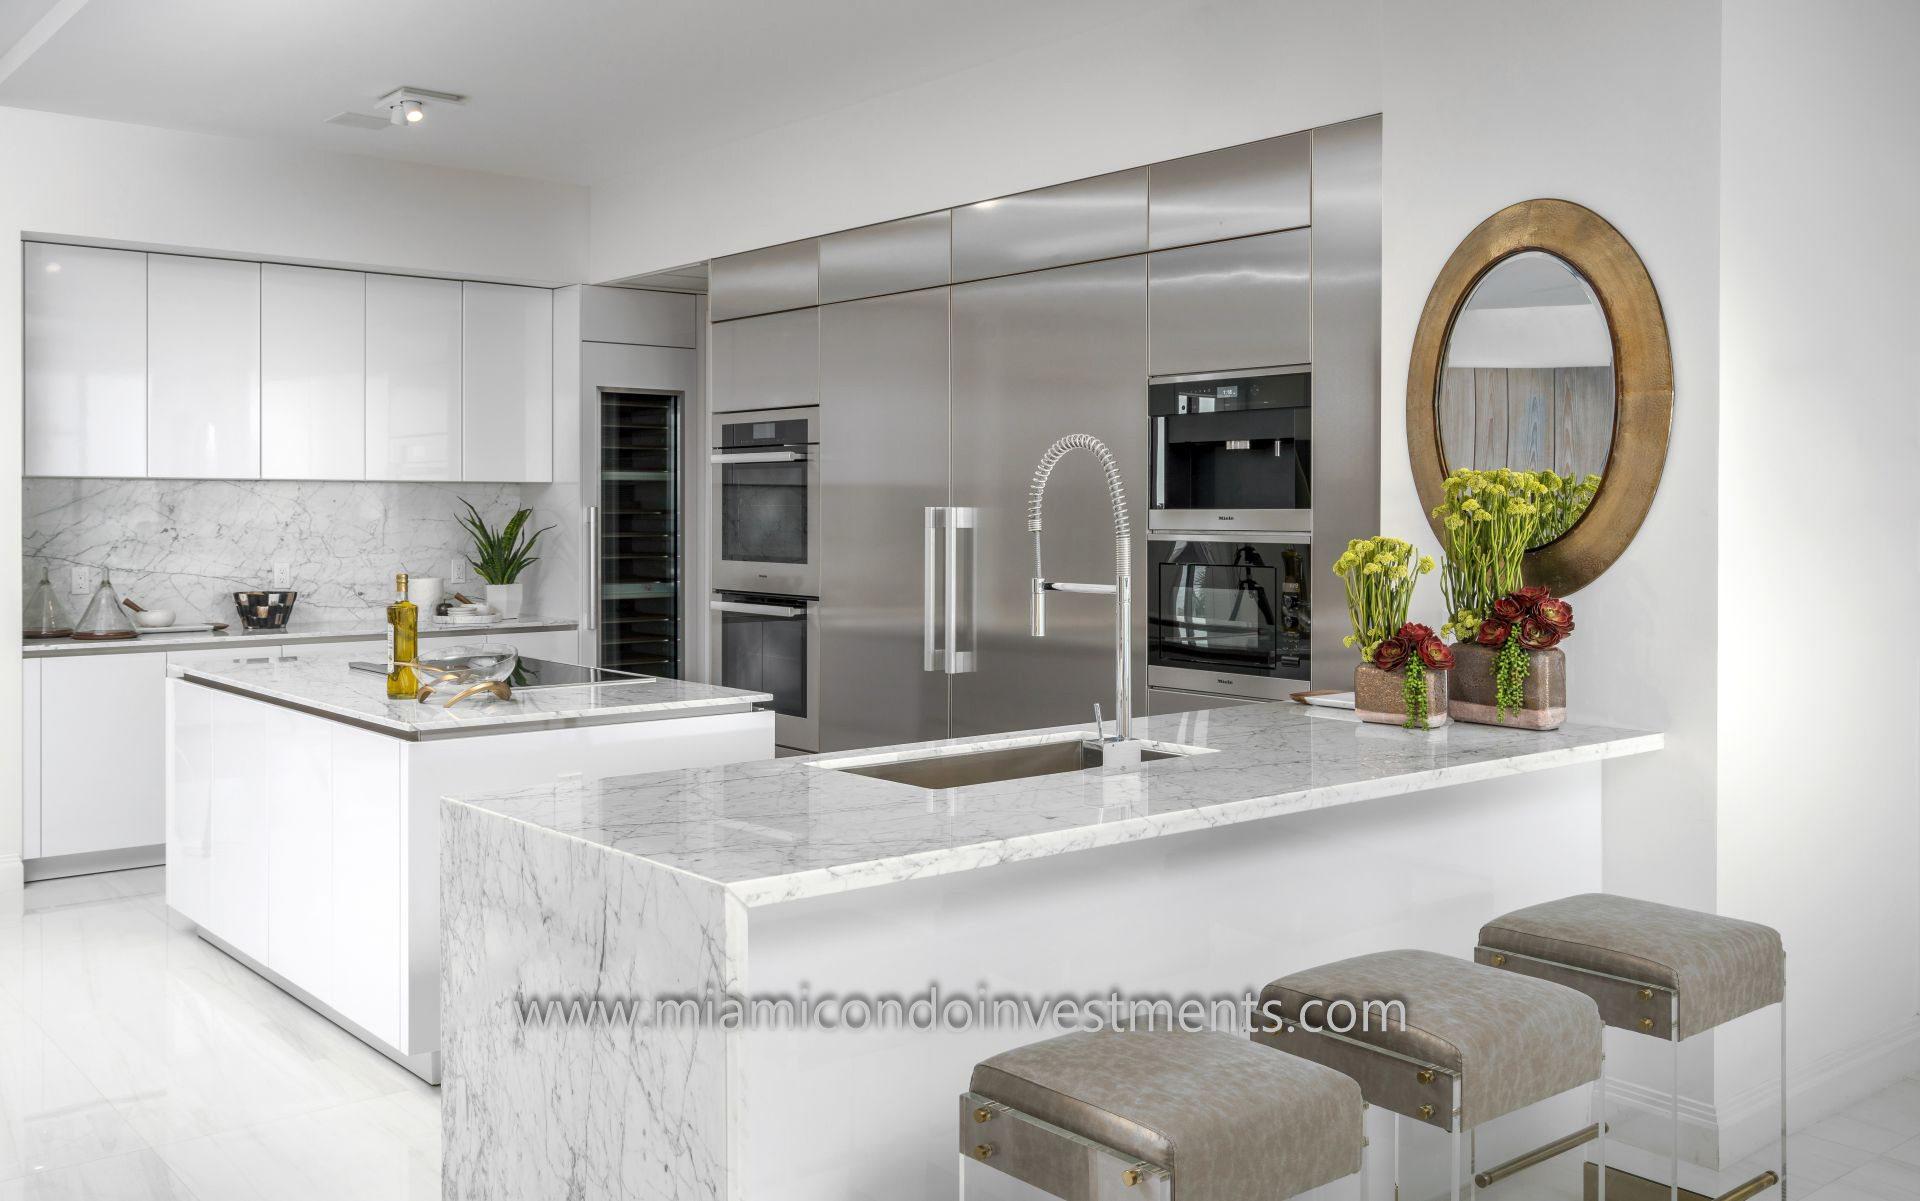 Prive condos kitchen